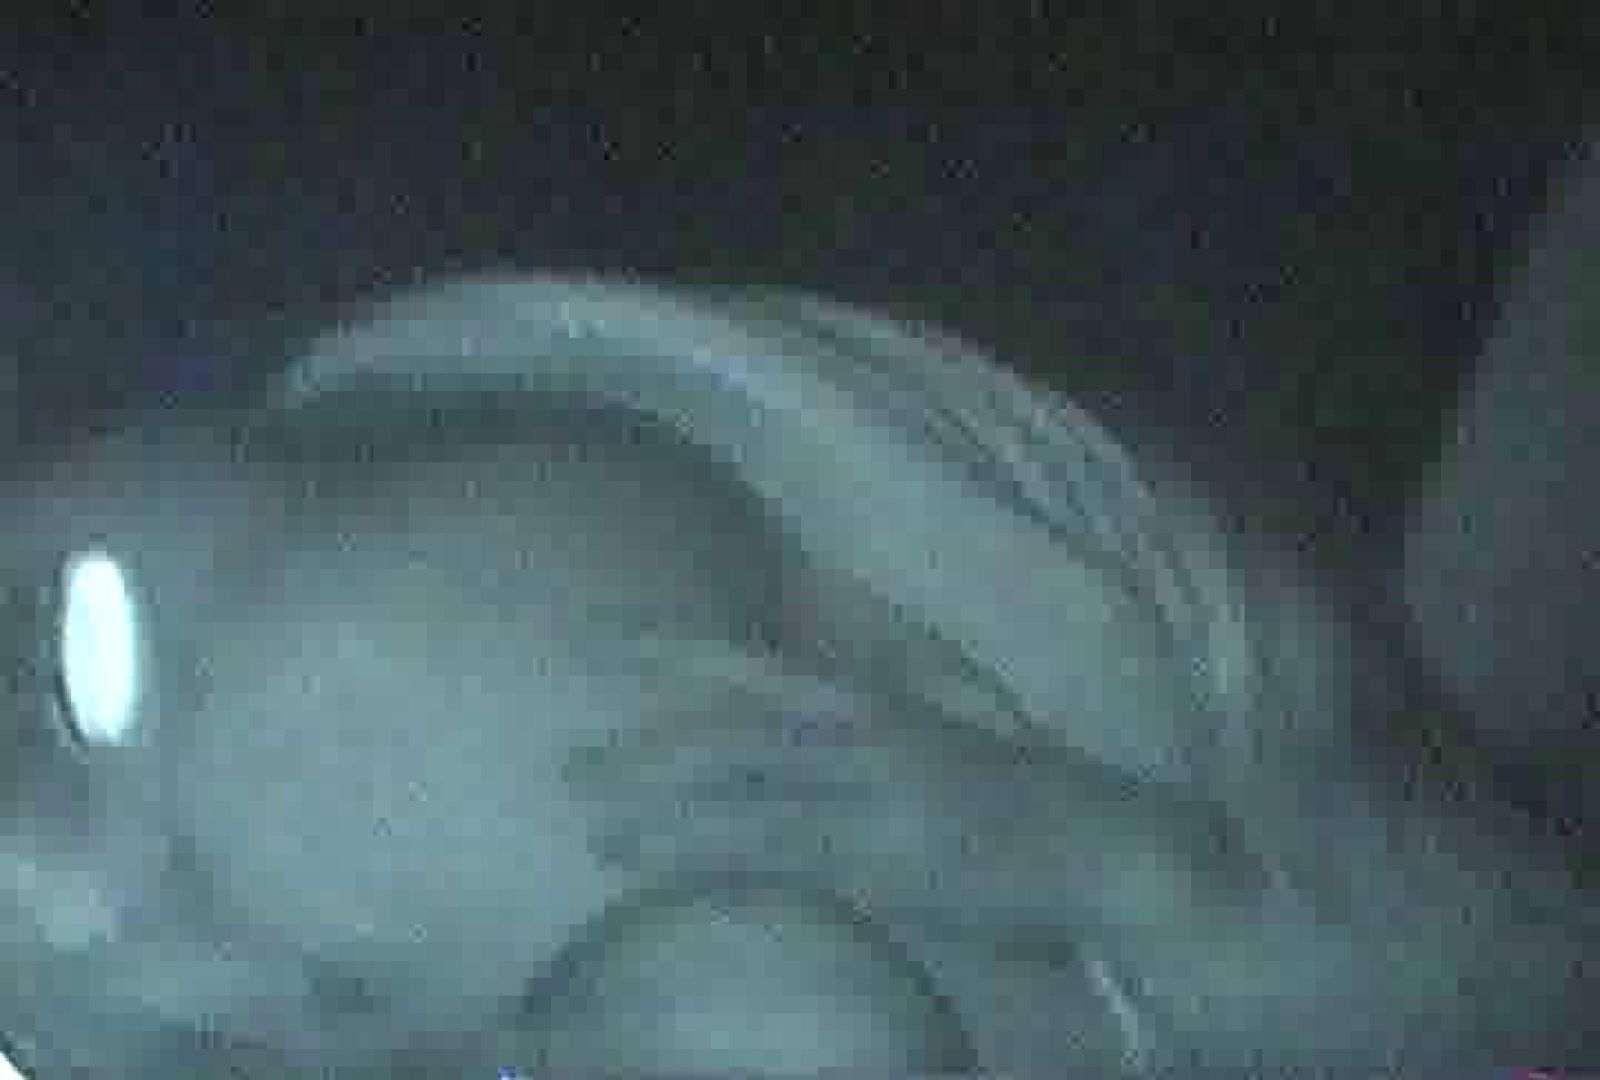 充血監督の深夜の運動会Vol.48 ギャルエロ画像 | OLエロ画像  46PICs 19